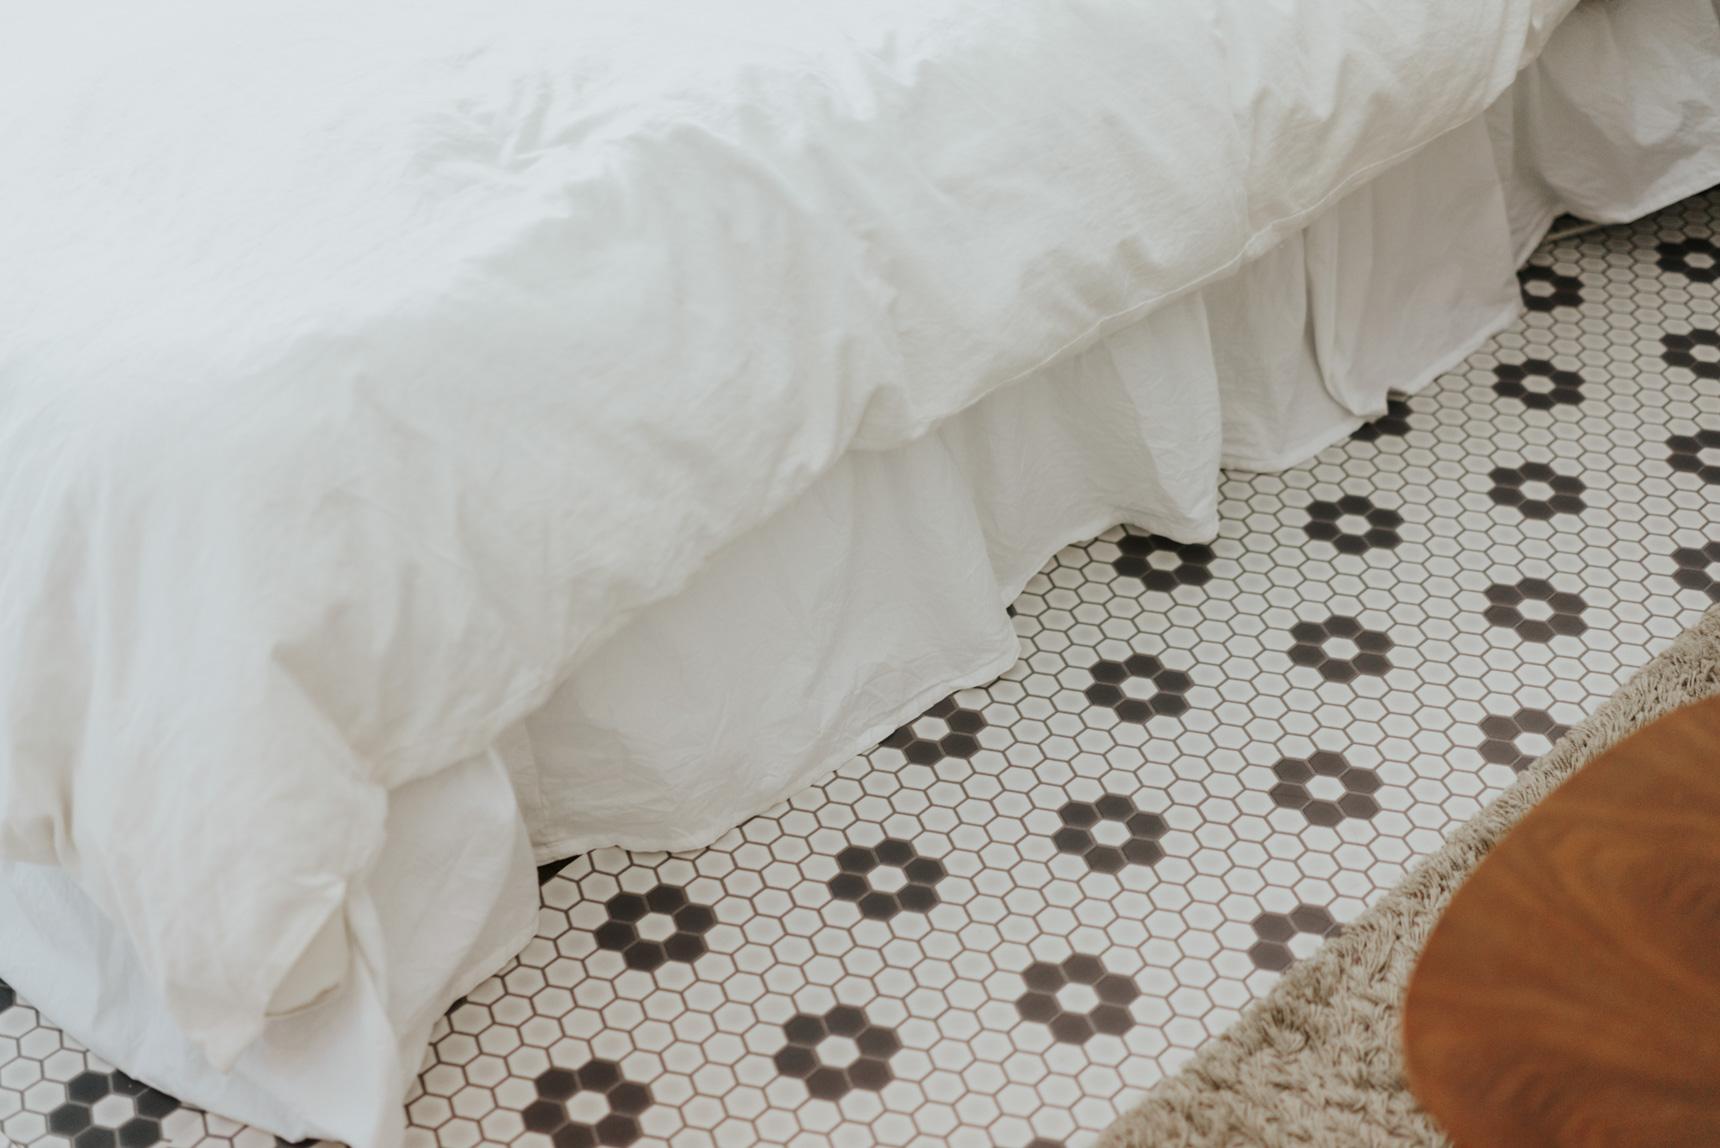 ベッドの下の200cm×100cmもの広大な空間が、ベッド下用のボックスを入れれば大きな収納に早変わり。こちらのお部屋のように、「ベッドスカート」を使って隠すとさらにすっきり見えます。(このお部屋はこちら)